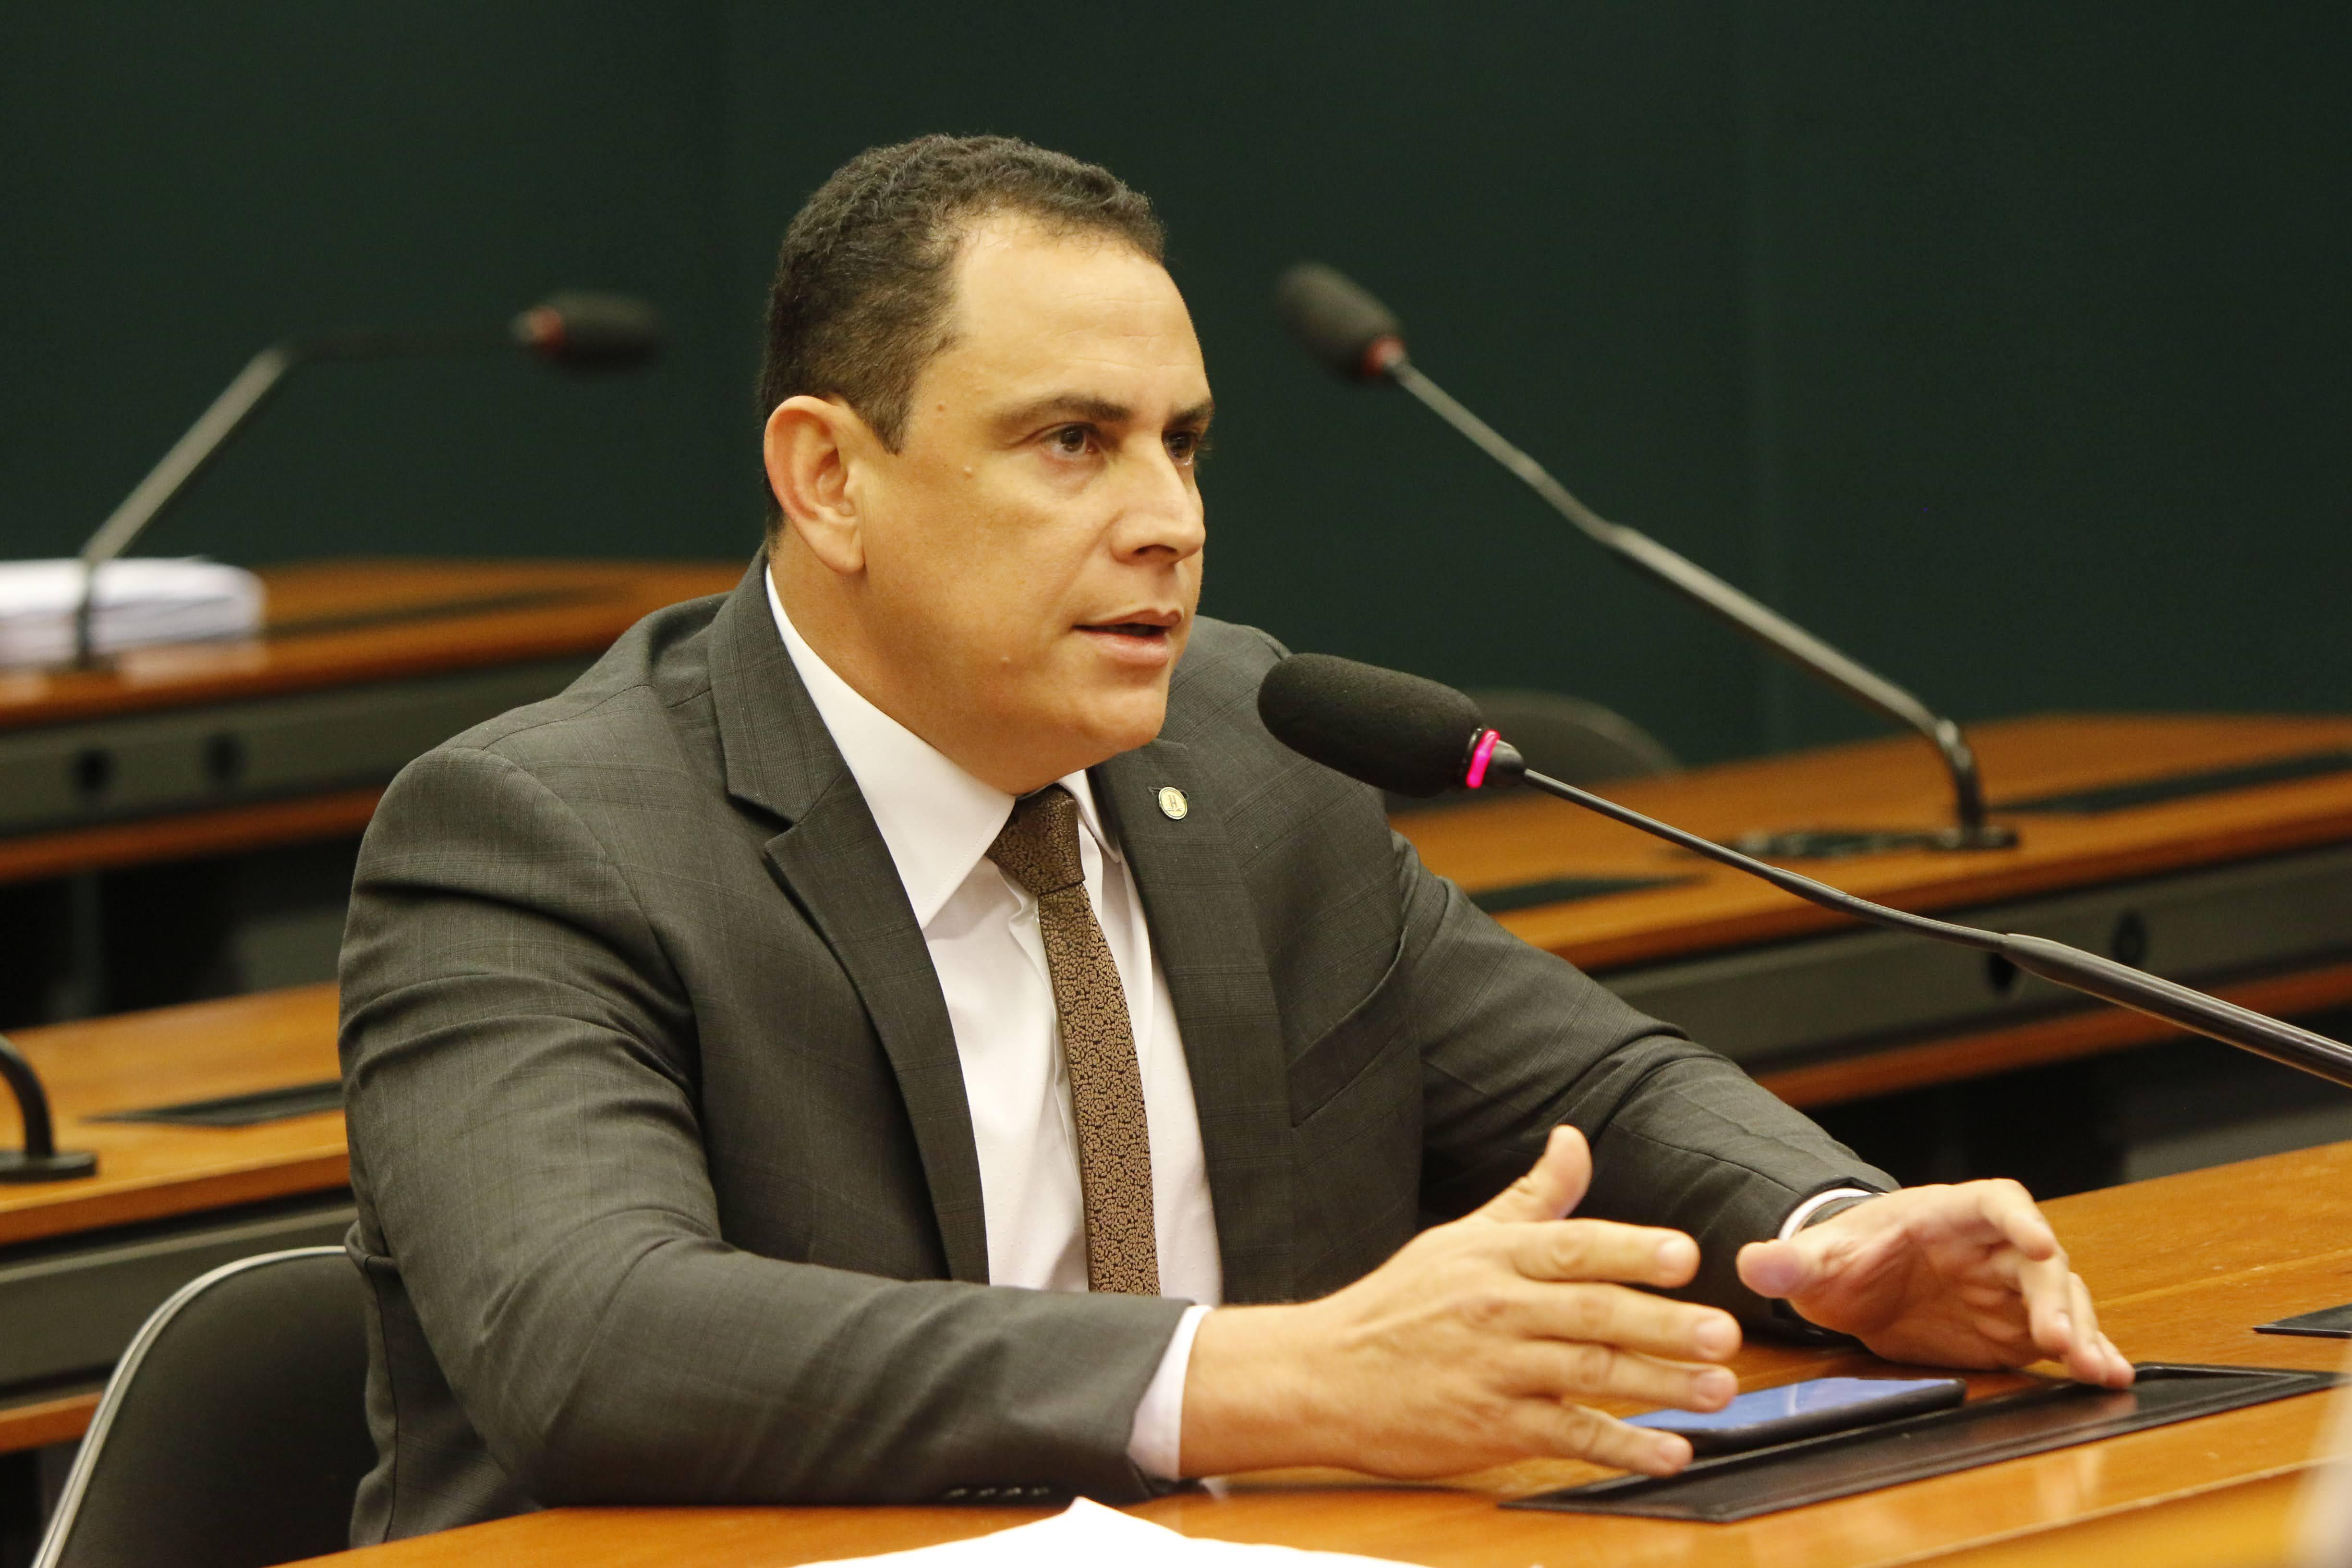 Comissão aprova projeto de Da Vitória para que laudo de autismo tenha prazo indeterminado